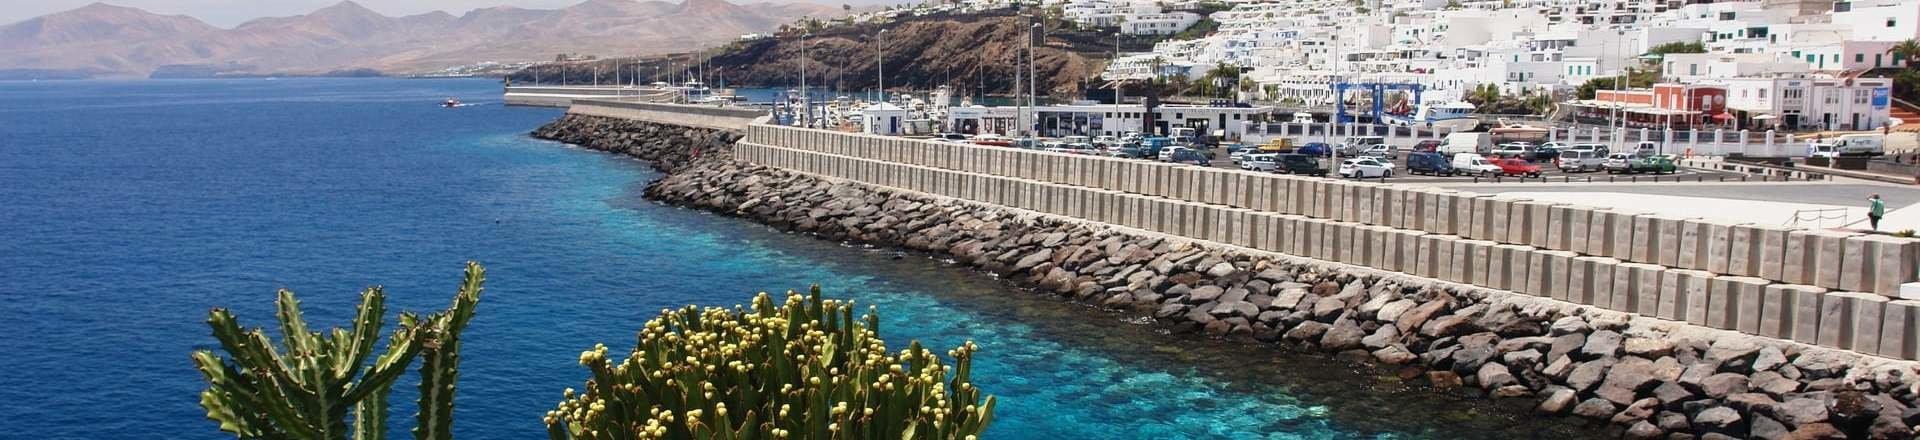 Hot is em puerto del carmen baratos desde 31 destinia - Apartamentos baratos en puerto del carmen ...